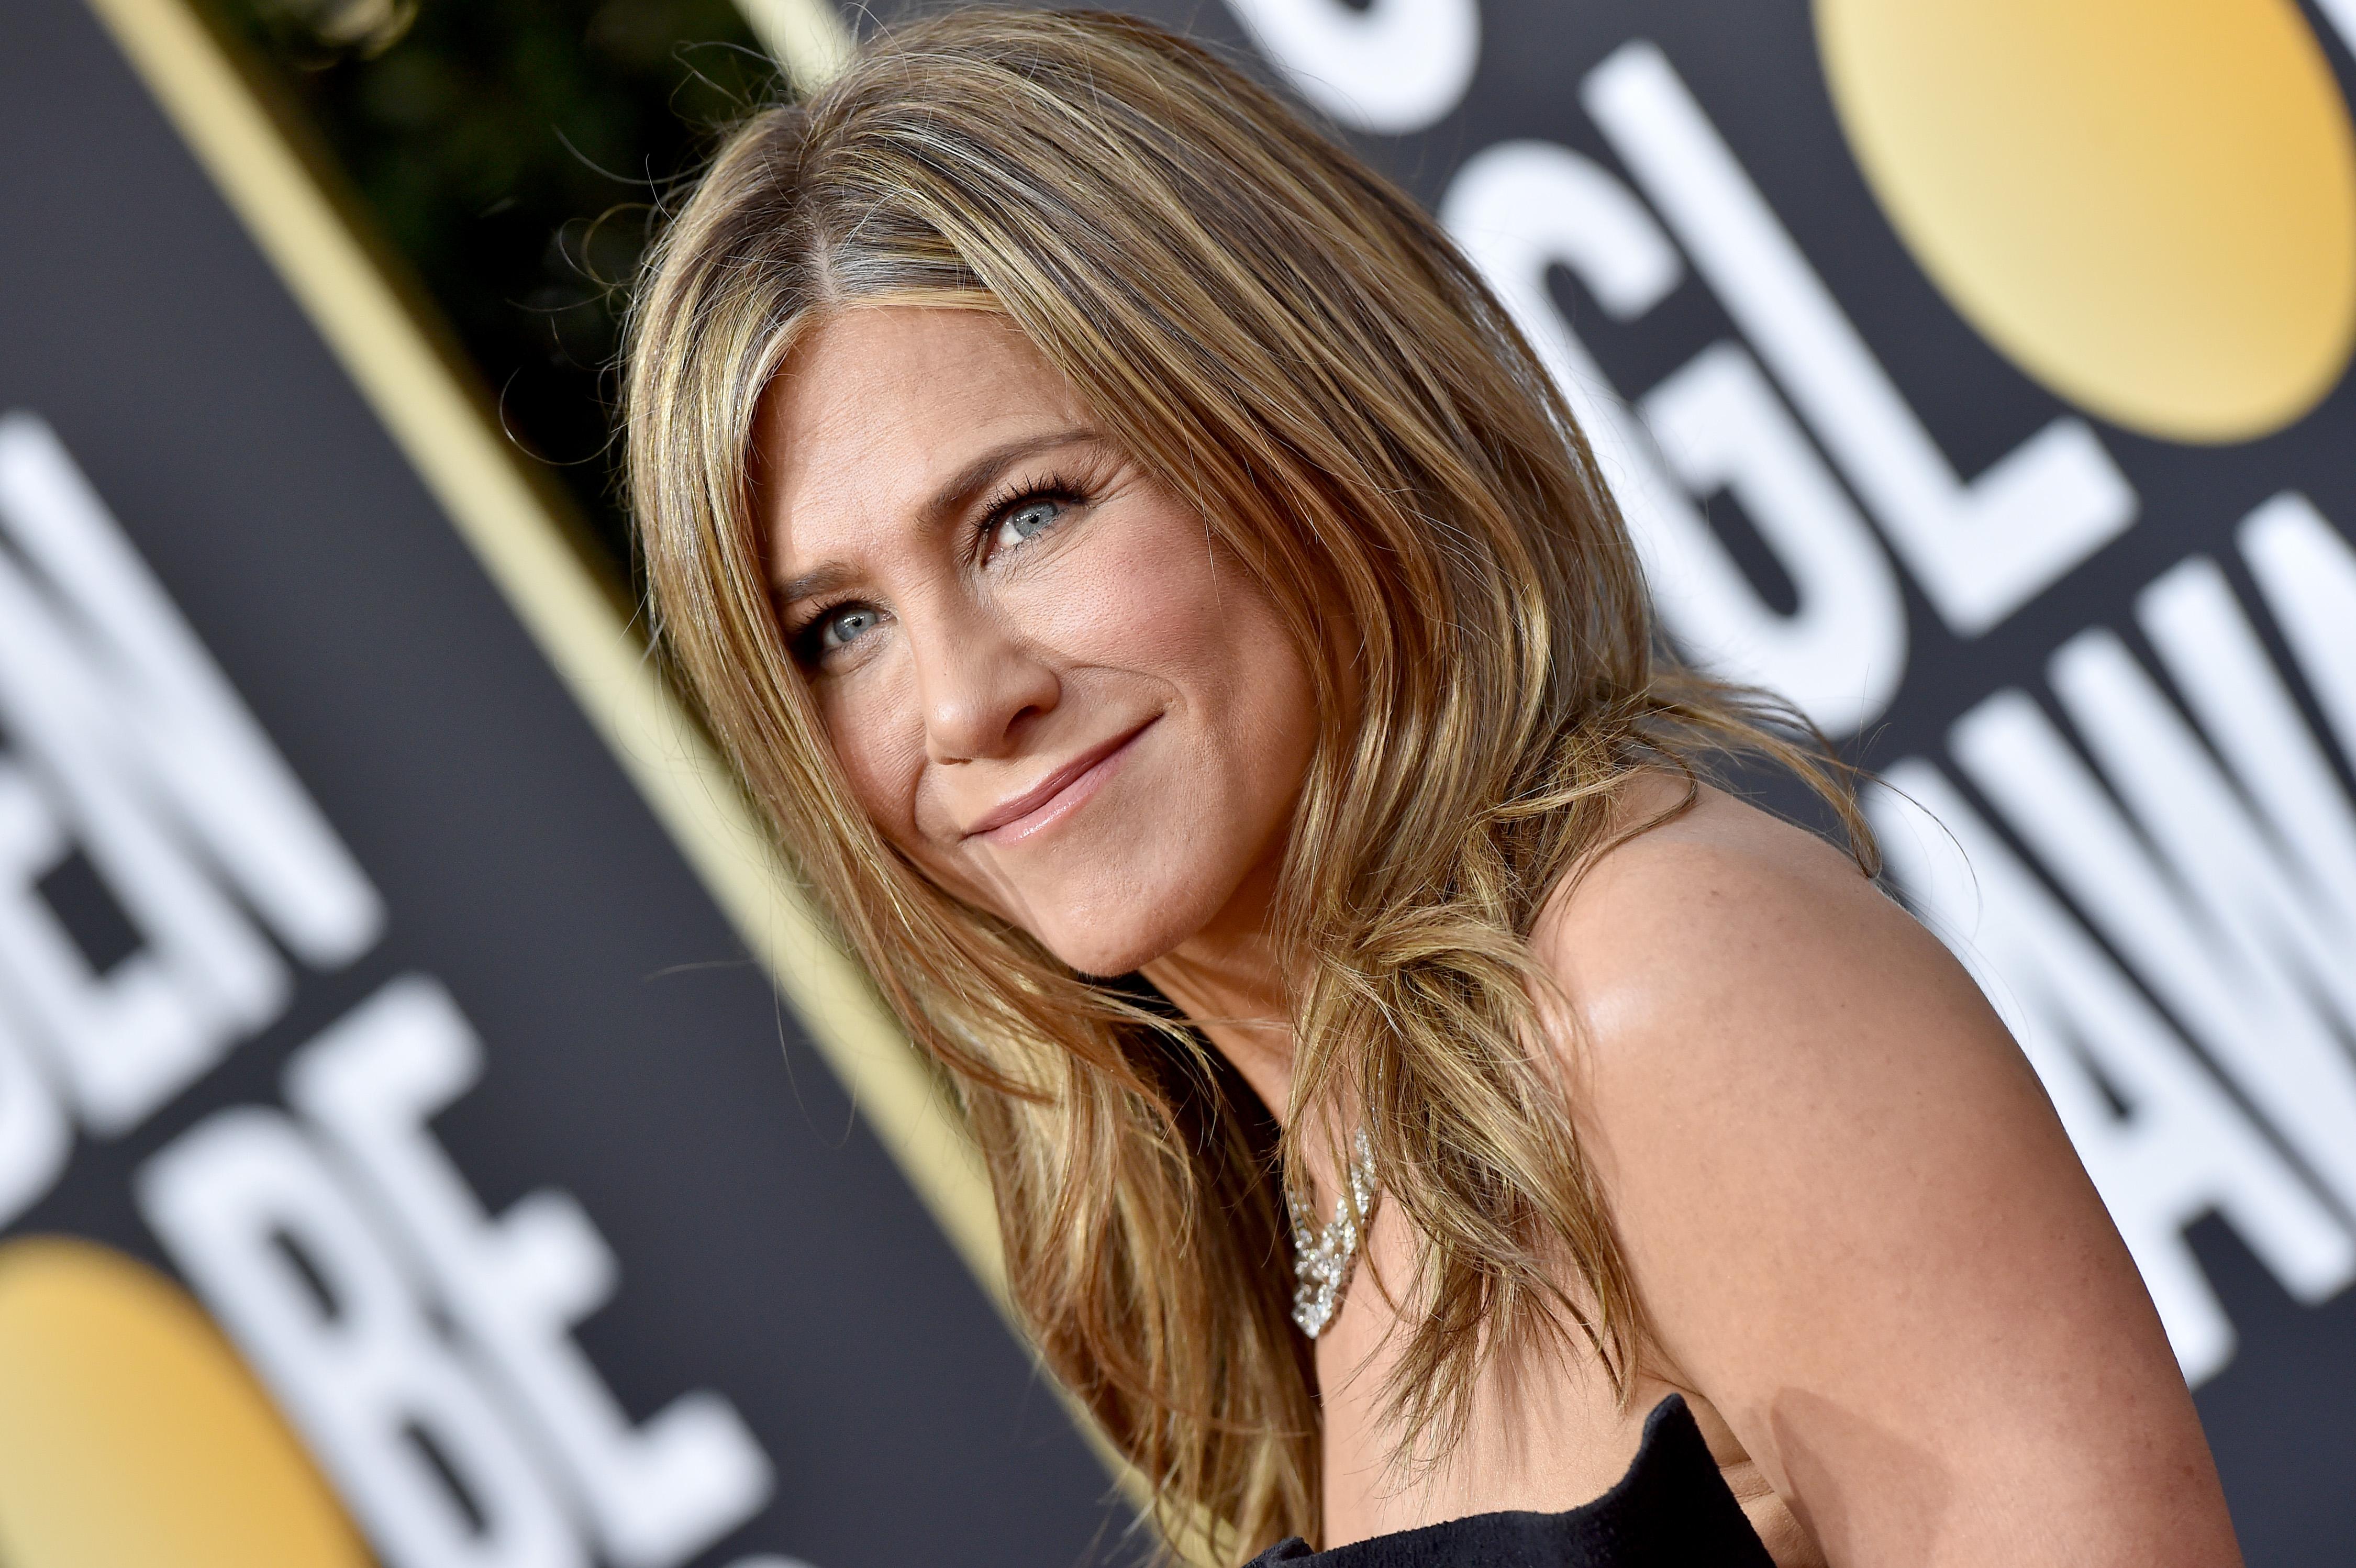 Lista randek Jennifer Aniston najlepiej pasujące strony randkowe